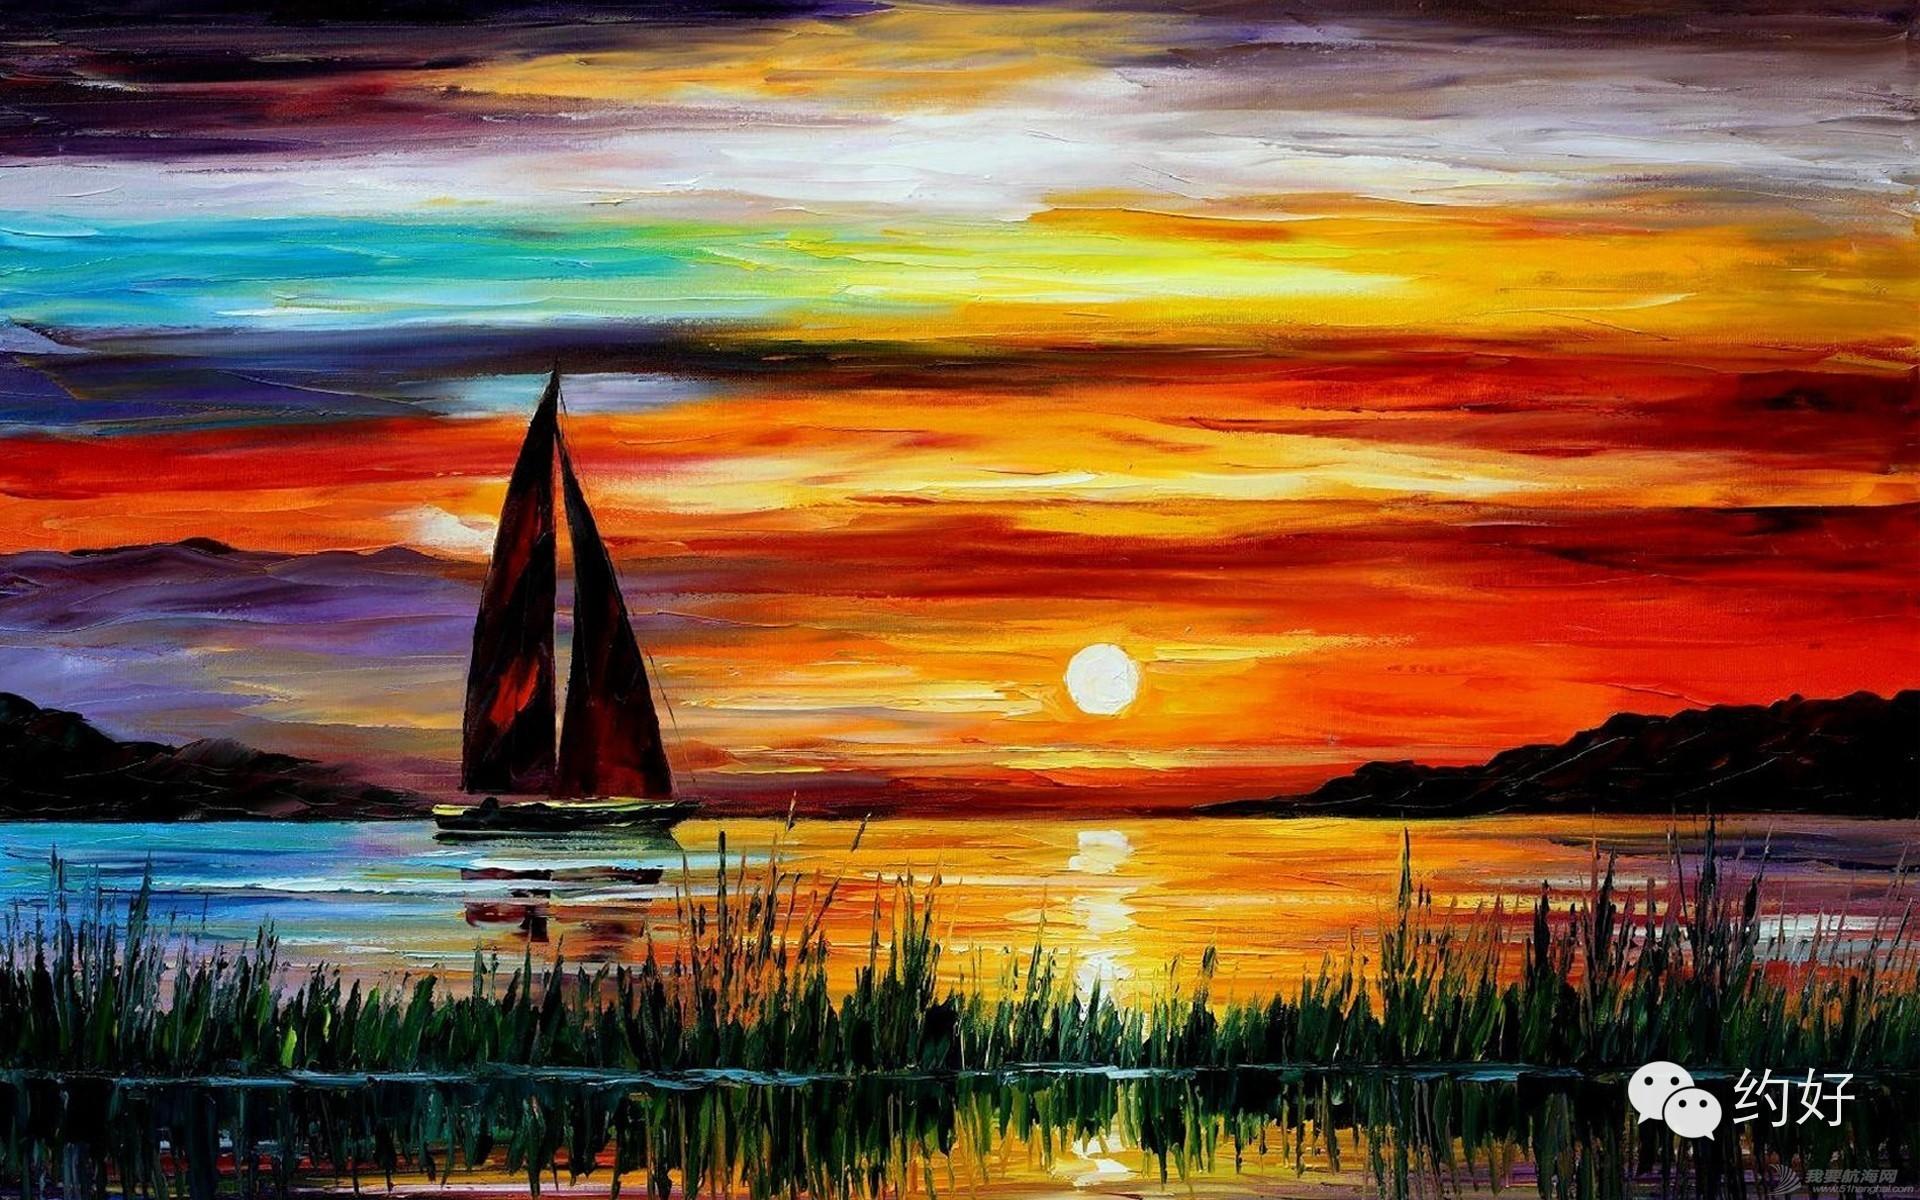 在中国船与水的结合寓意祥瑞,你见过这么多的扬帆起航!一帆风顺吗!?? 933a92c6711ed8931949edbe55e745ef.jpg